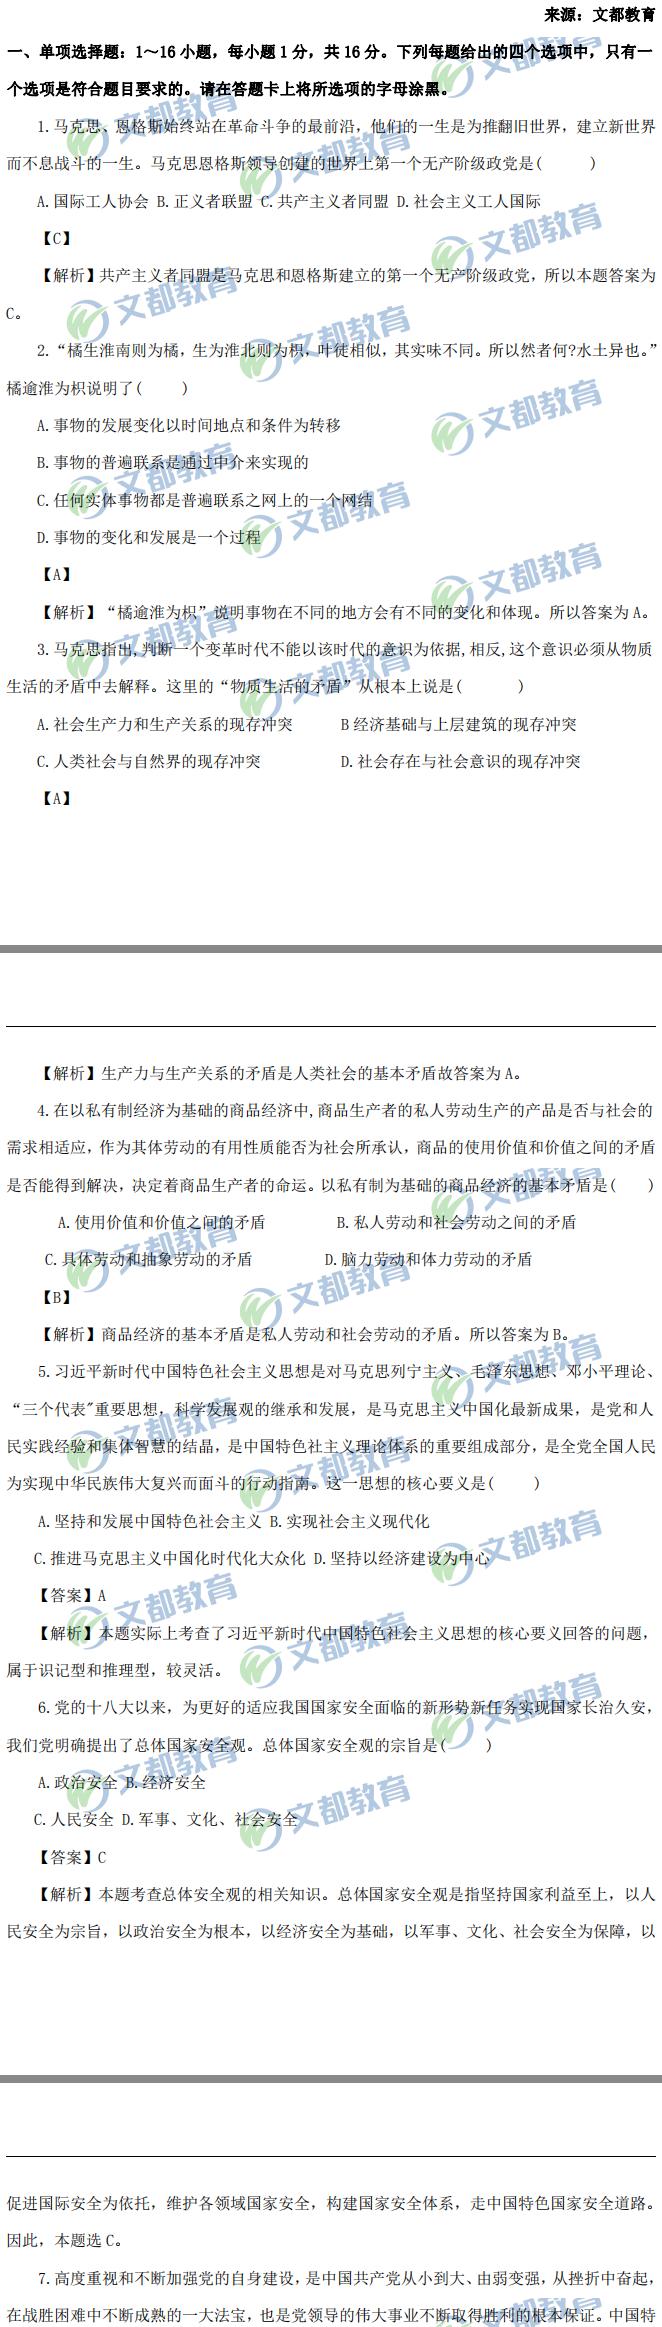 2019考研政治真题pdf